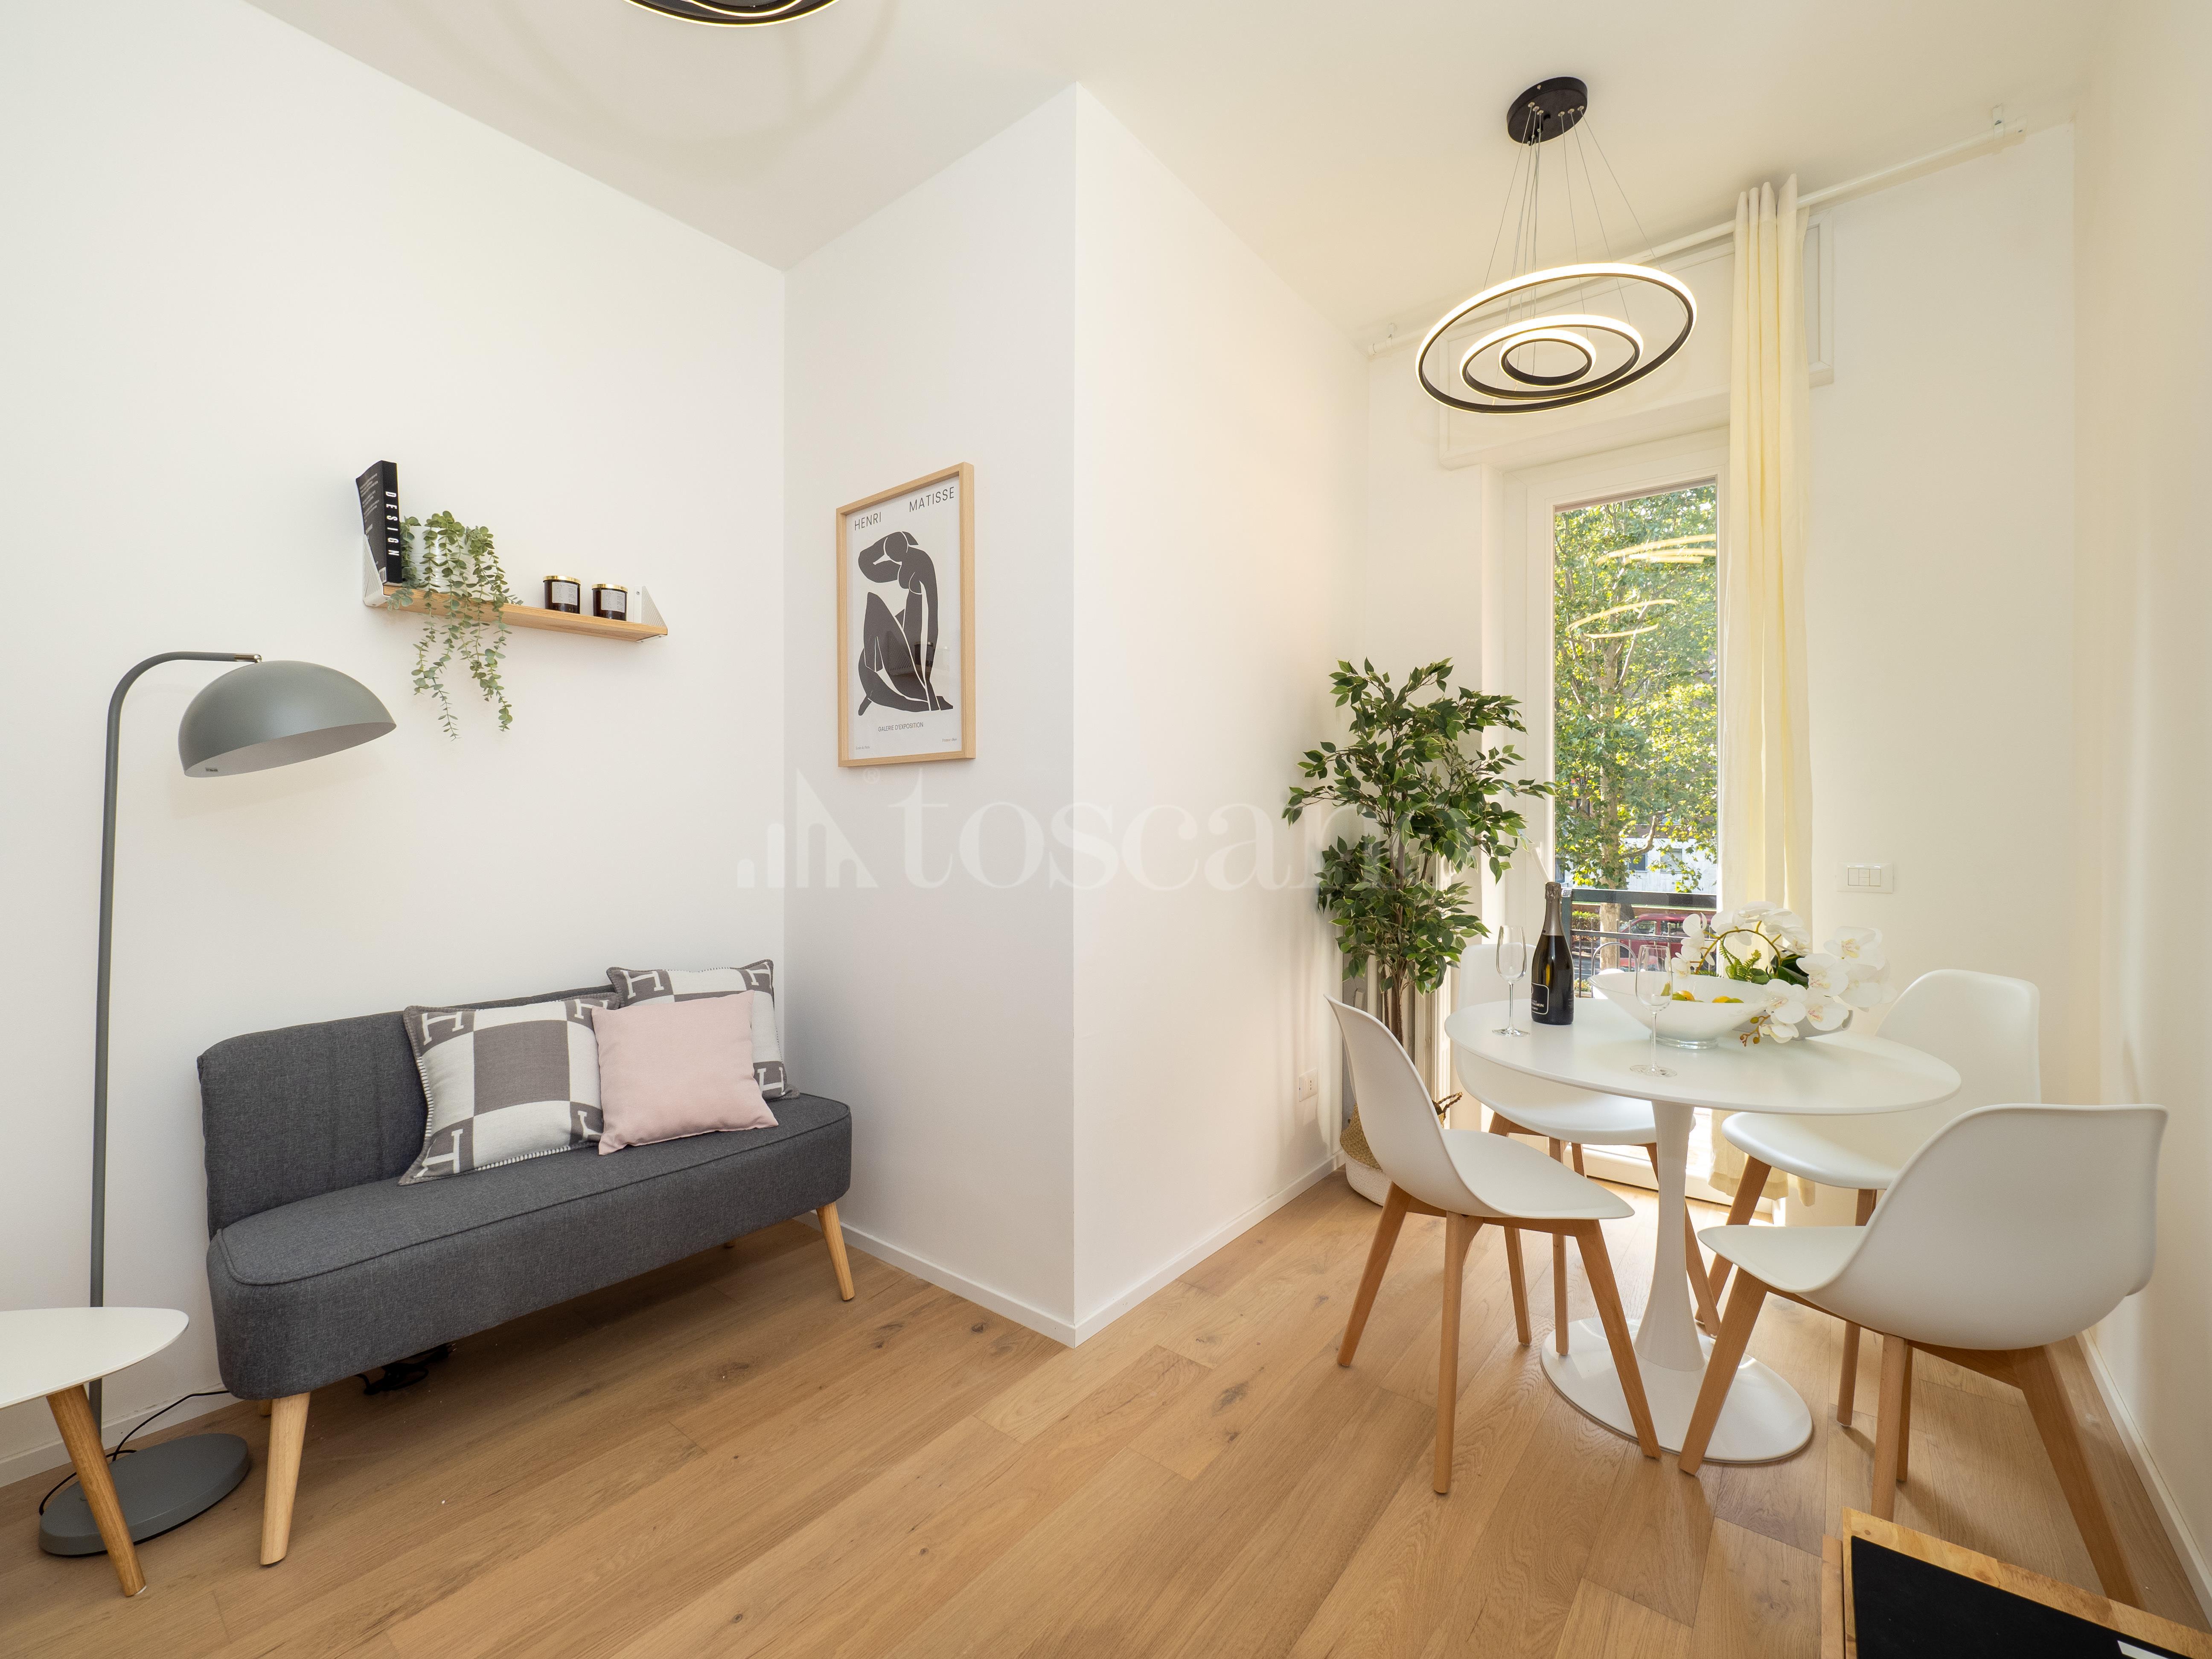 Casa in vendita di 60 mq a €258.000 (rif. 25/2021)